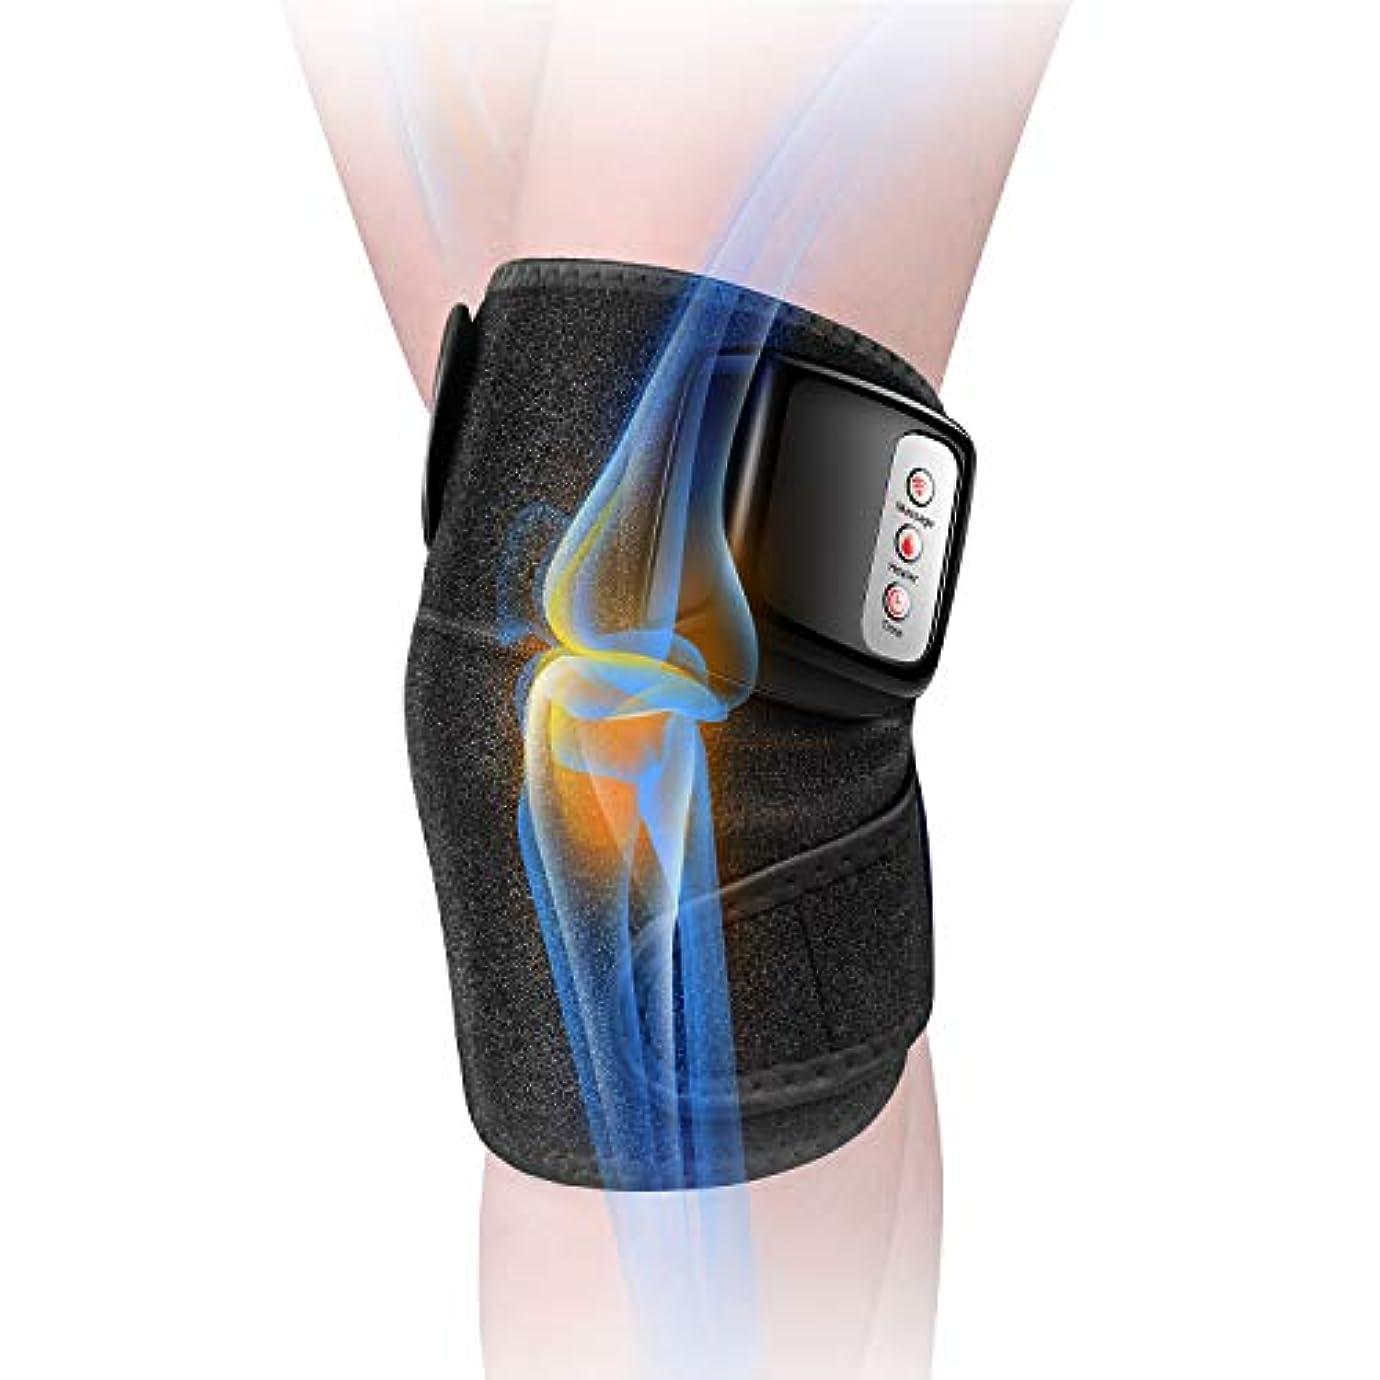 薬局梨ヤング膝マッサージャー 関節マッサージャー マッサージ器 フットマッサージャー 振動 赤外線療法 温熱療法 膝サポーター ストレス解消 肩 太もも/腕対応